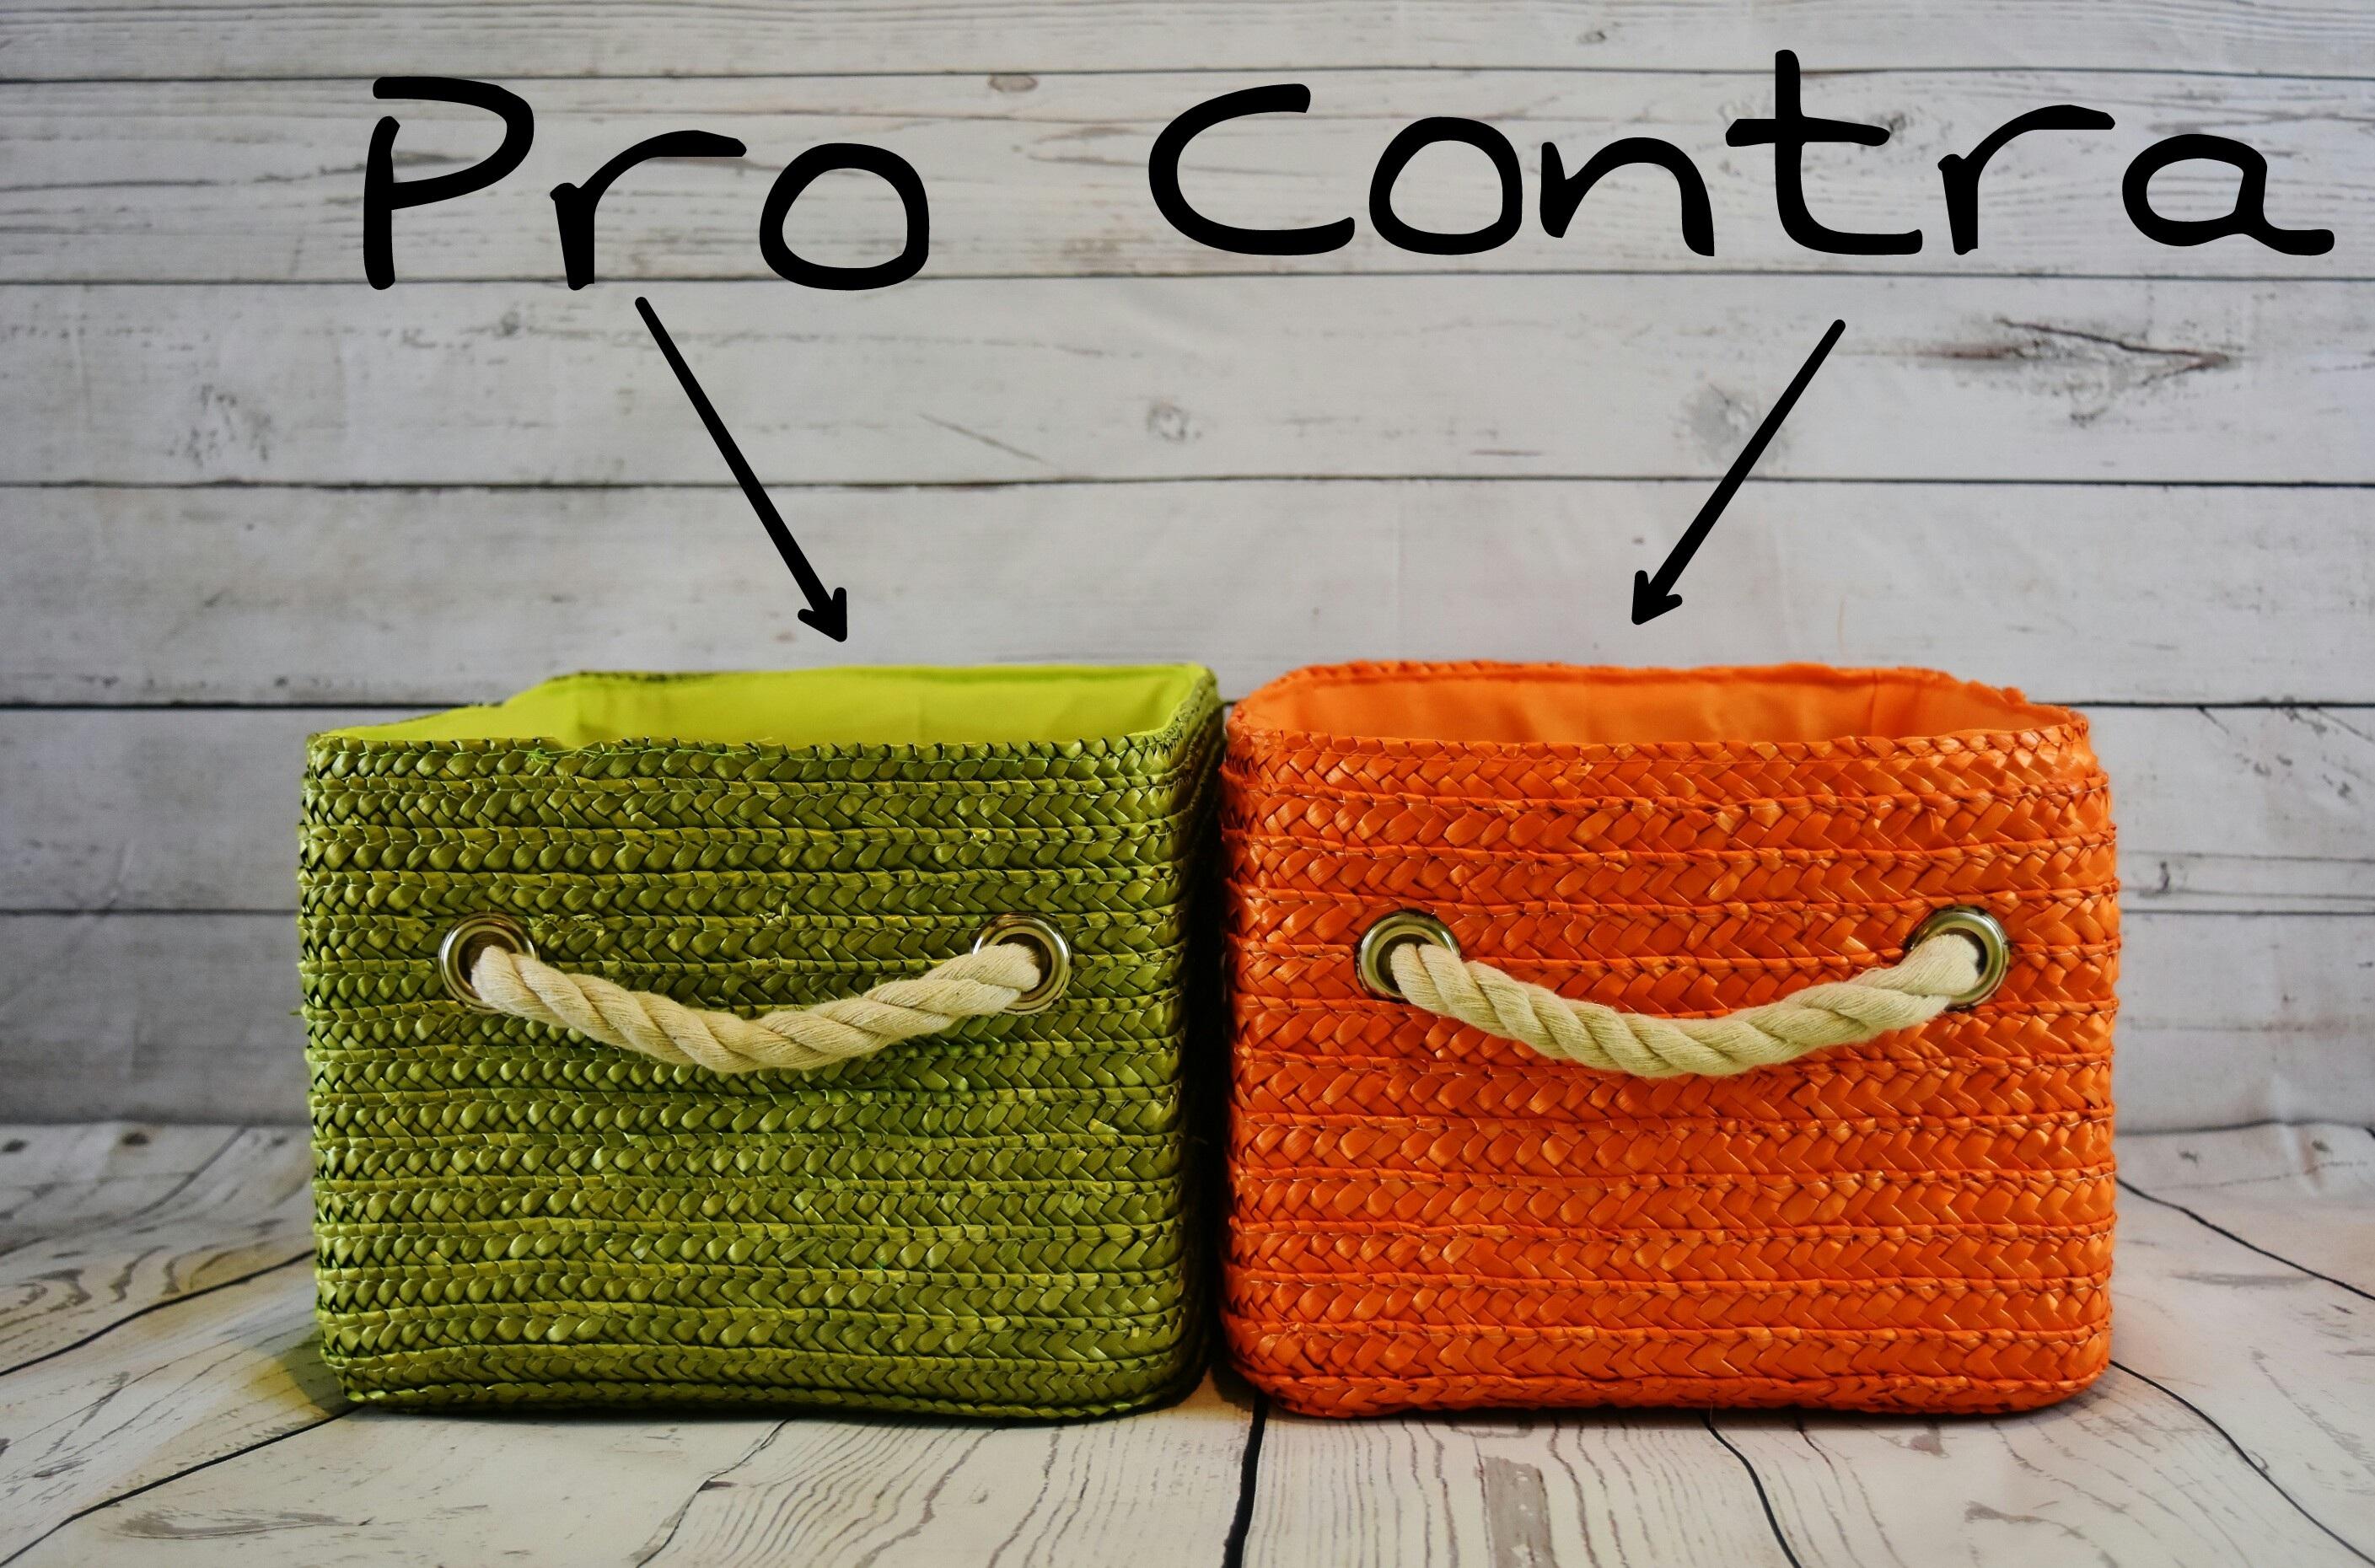 Kostenlose foto : Orange, Muster, Grün, zwei, wiegen, Gelb, Material ...